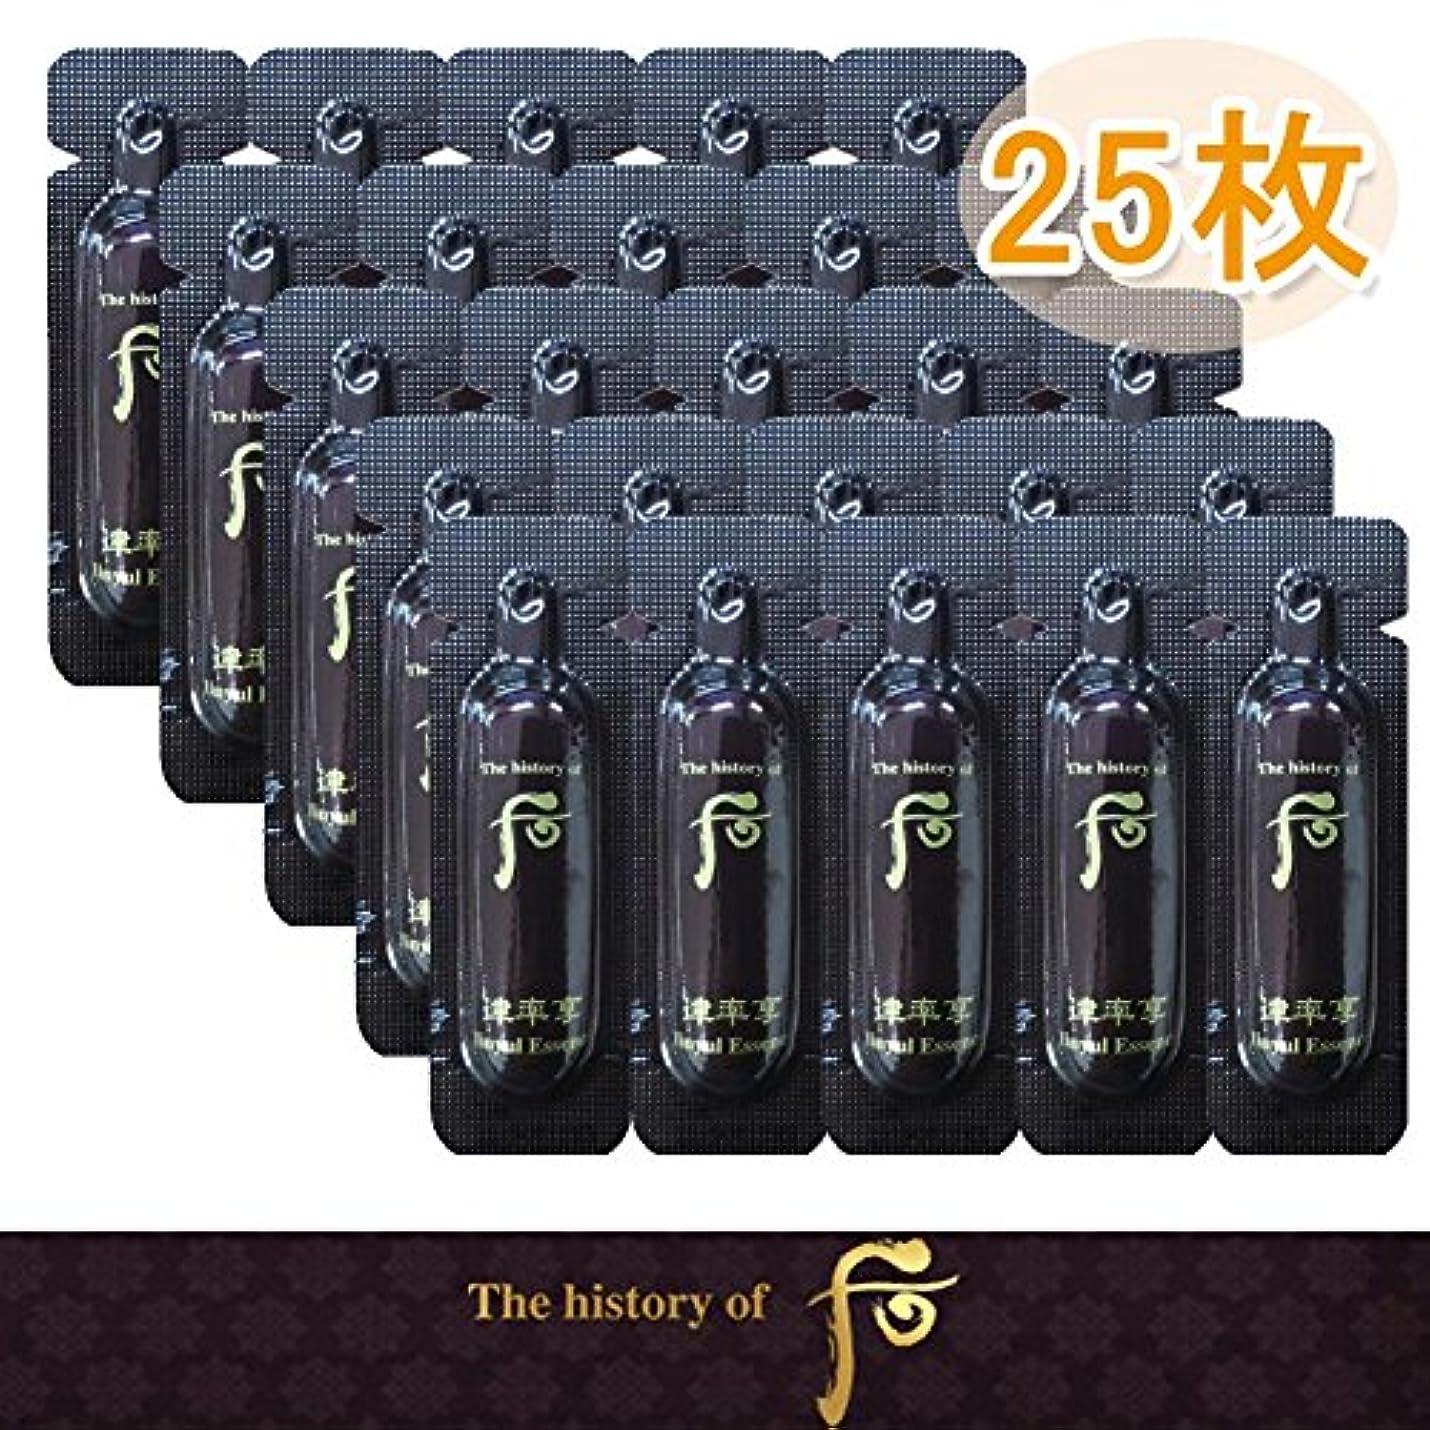 音節長いです危険を冒します【韓国コスメ オフィThe history of 后 [ドフー]Whoo Jinyul Essence ジンユルエッセンス サンプル 1ml x25枚 25ml+ Sample Gift [海外直送品]